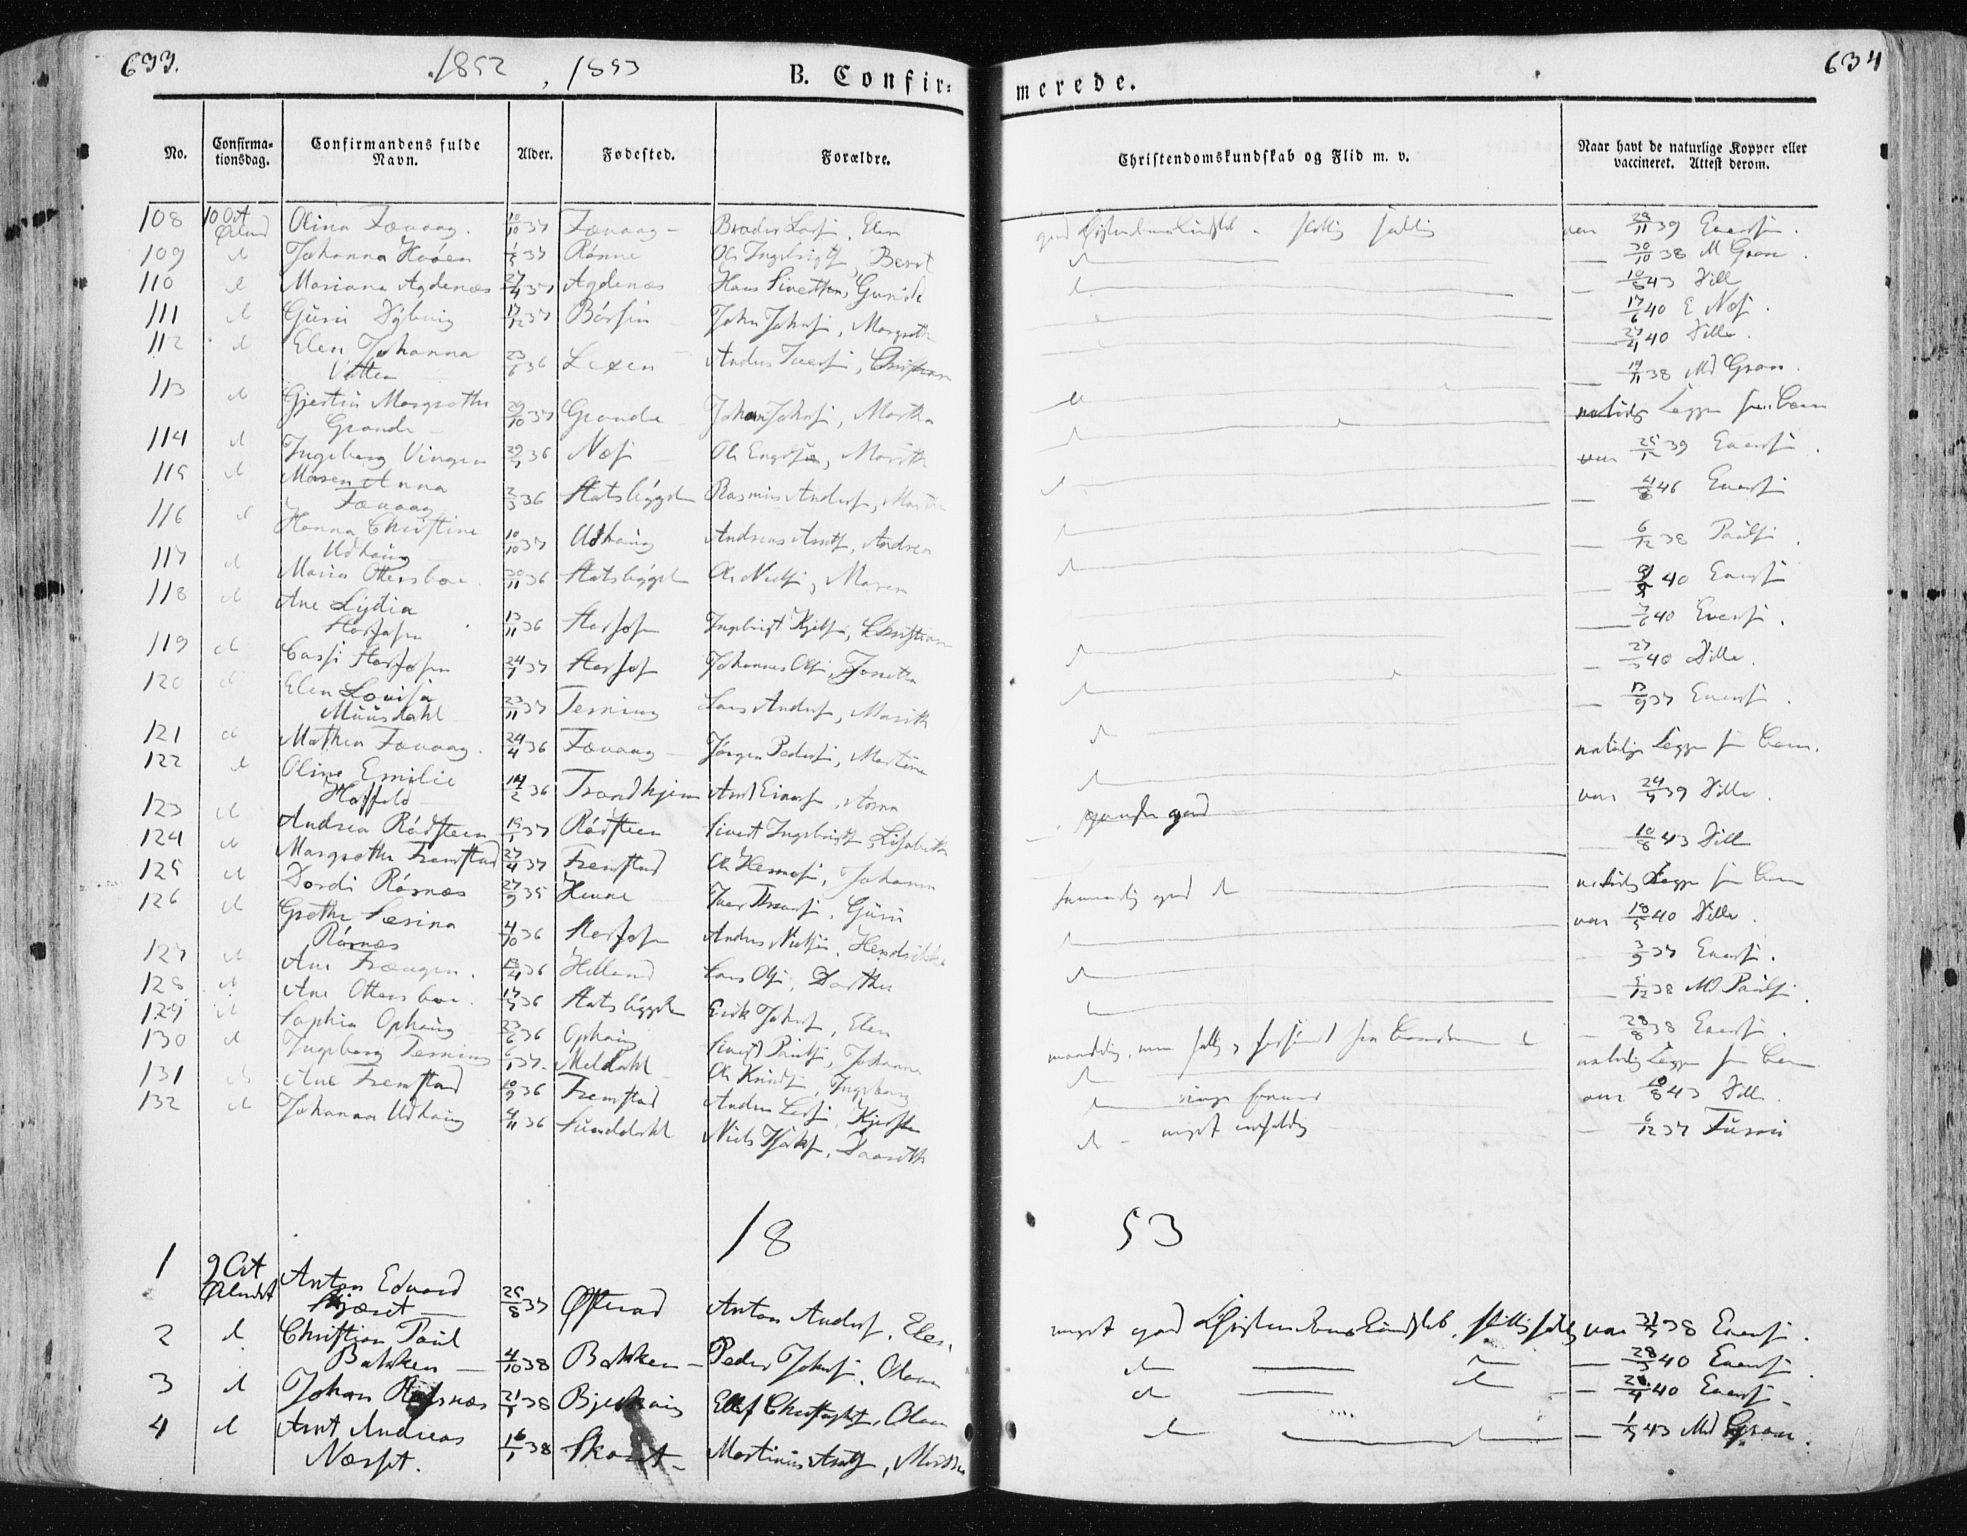 SAT, Ministerialprotokoller, klokkerbøker og fødselsregistre - Sør-Trøndelag, 659/L0736: Ministerialbok nr. 659A06, 1842-1856, s. 633-634